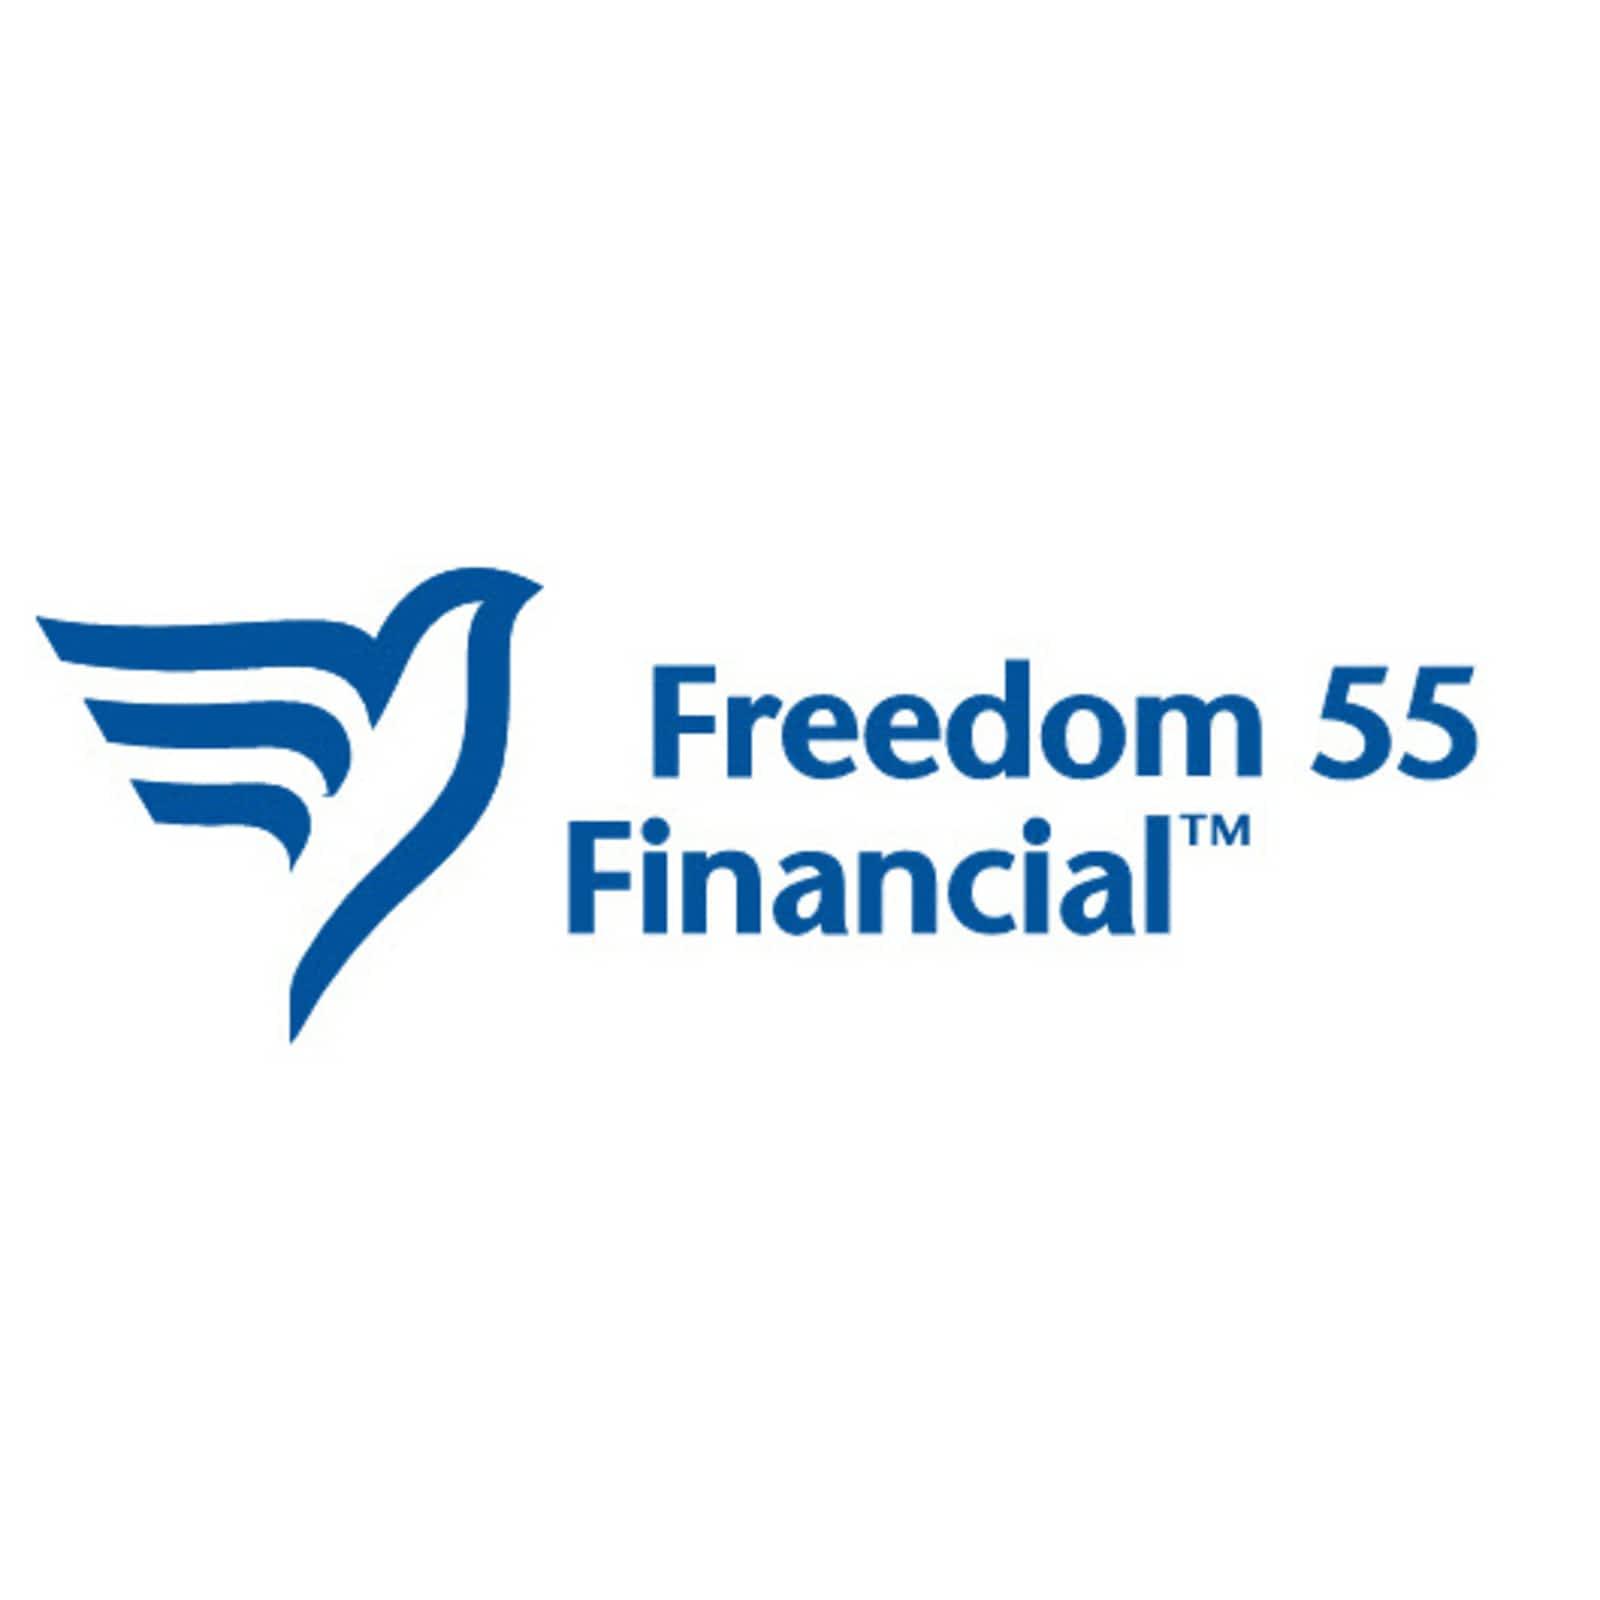 freedom-55-financial-1.jpg